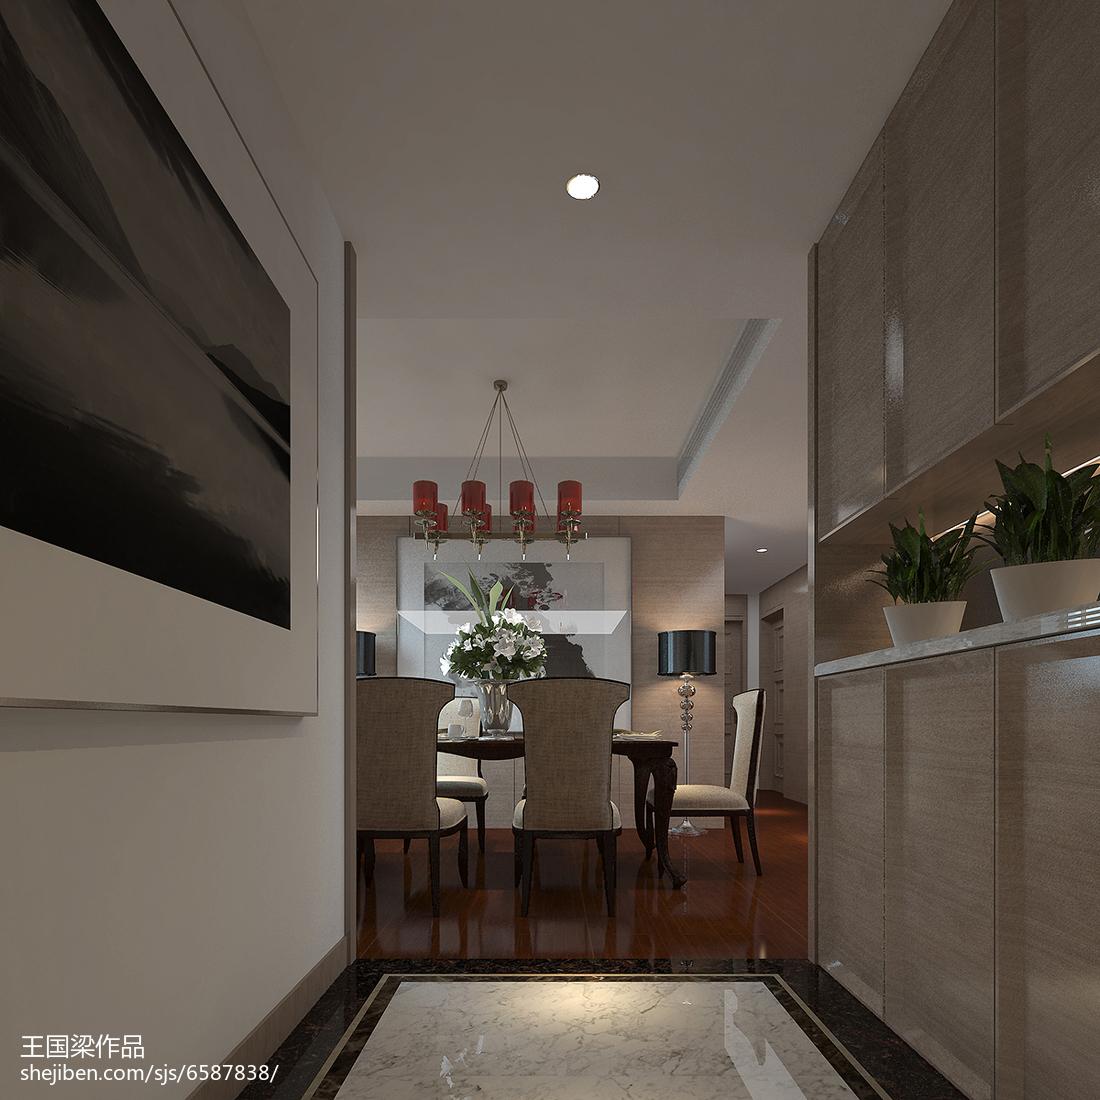 现代风格餐厅效果图设计